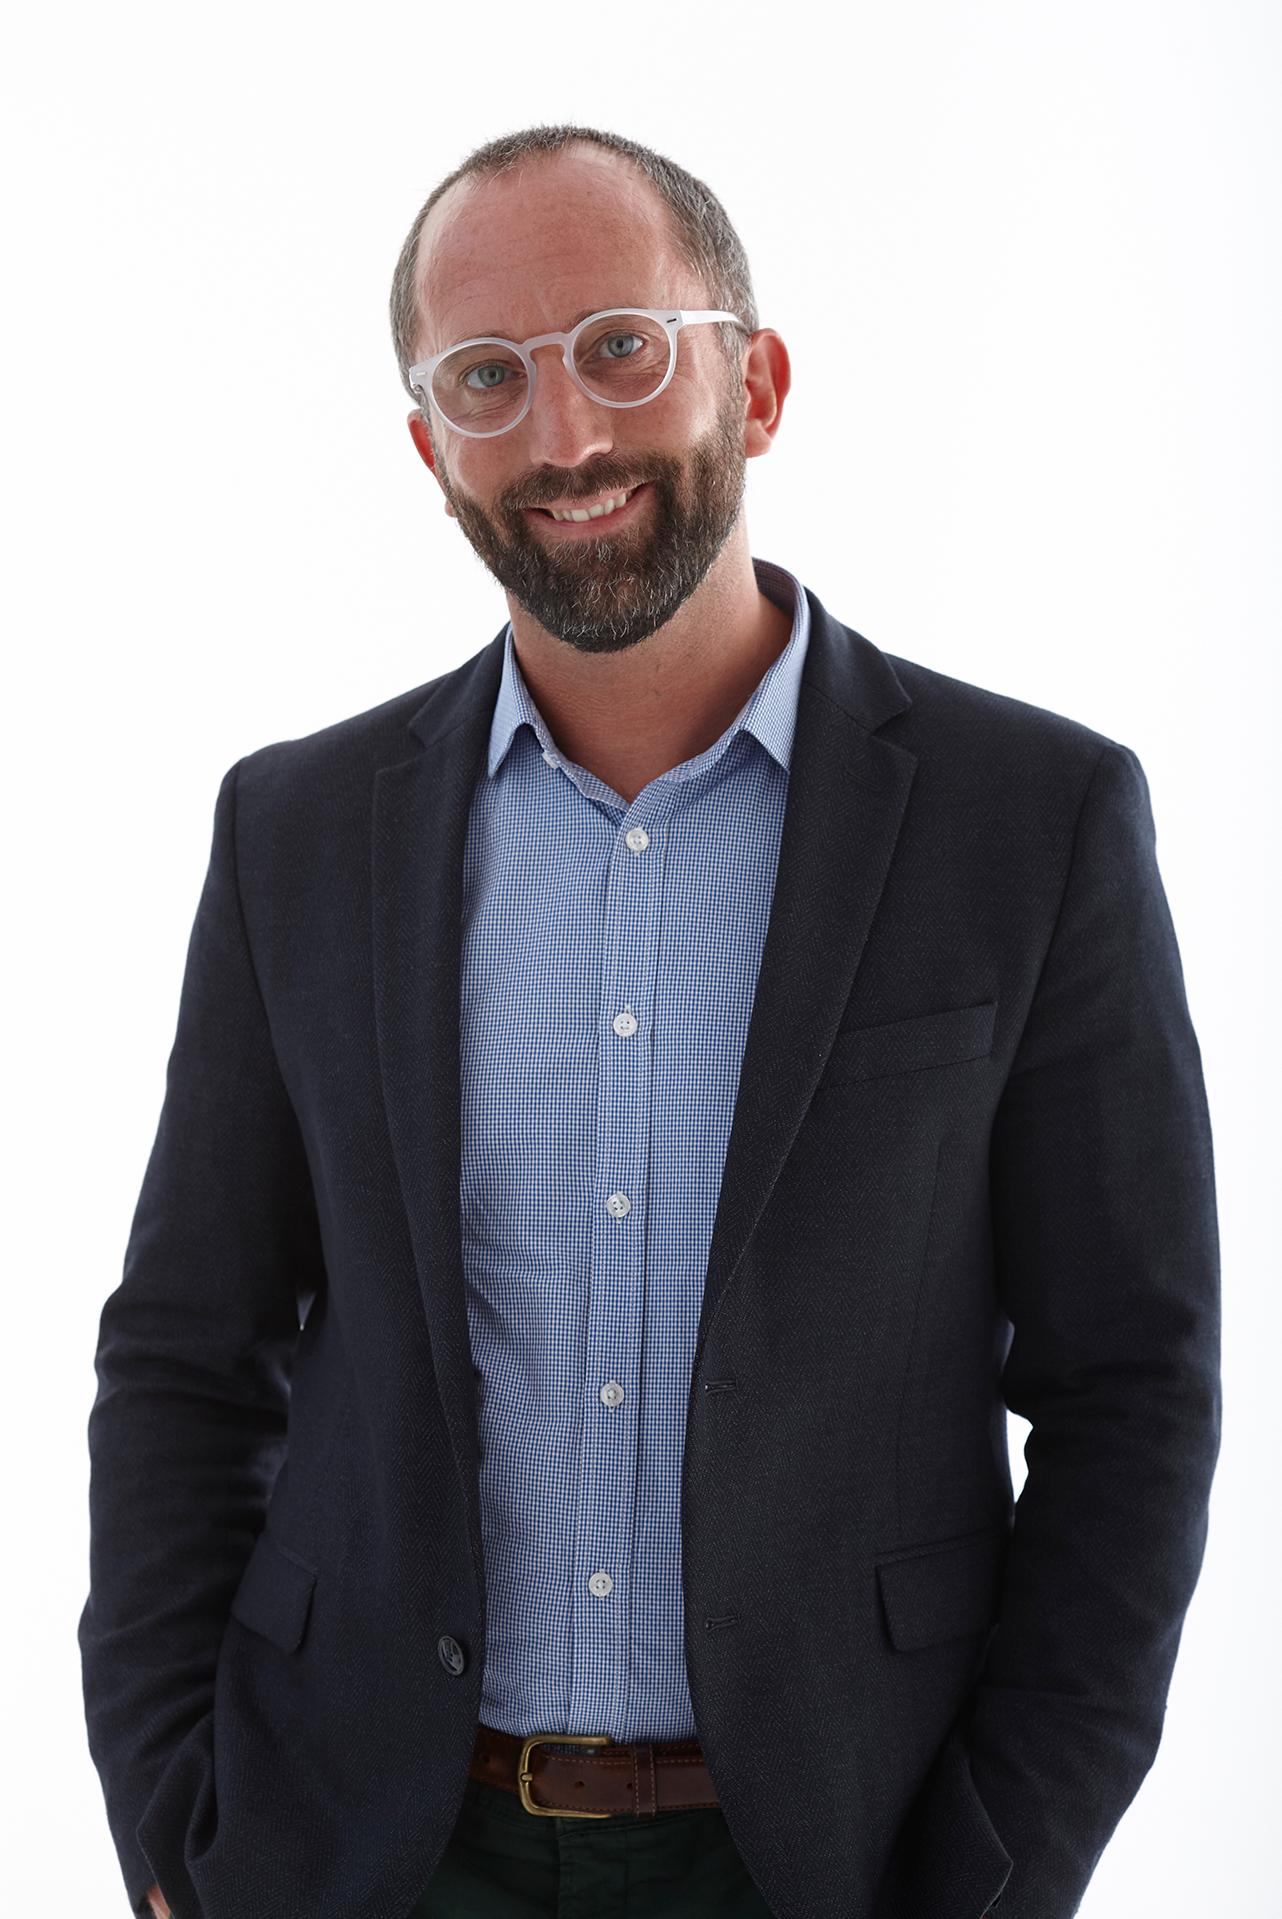 Lecocq Traiteur - MATTHIEU CROQUETTE - Directeur